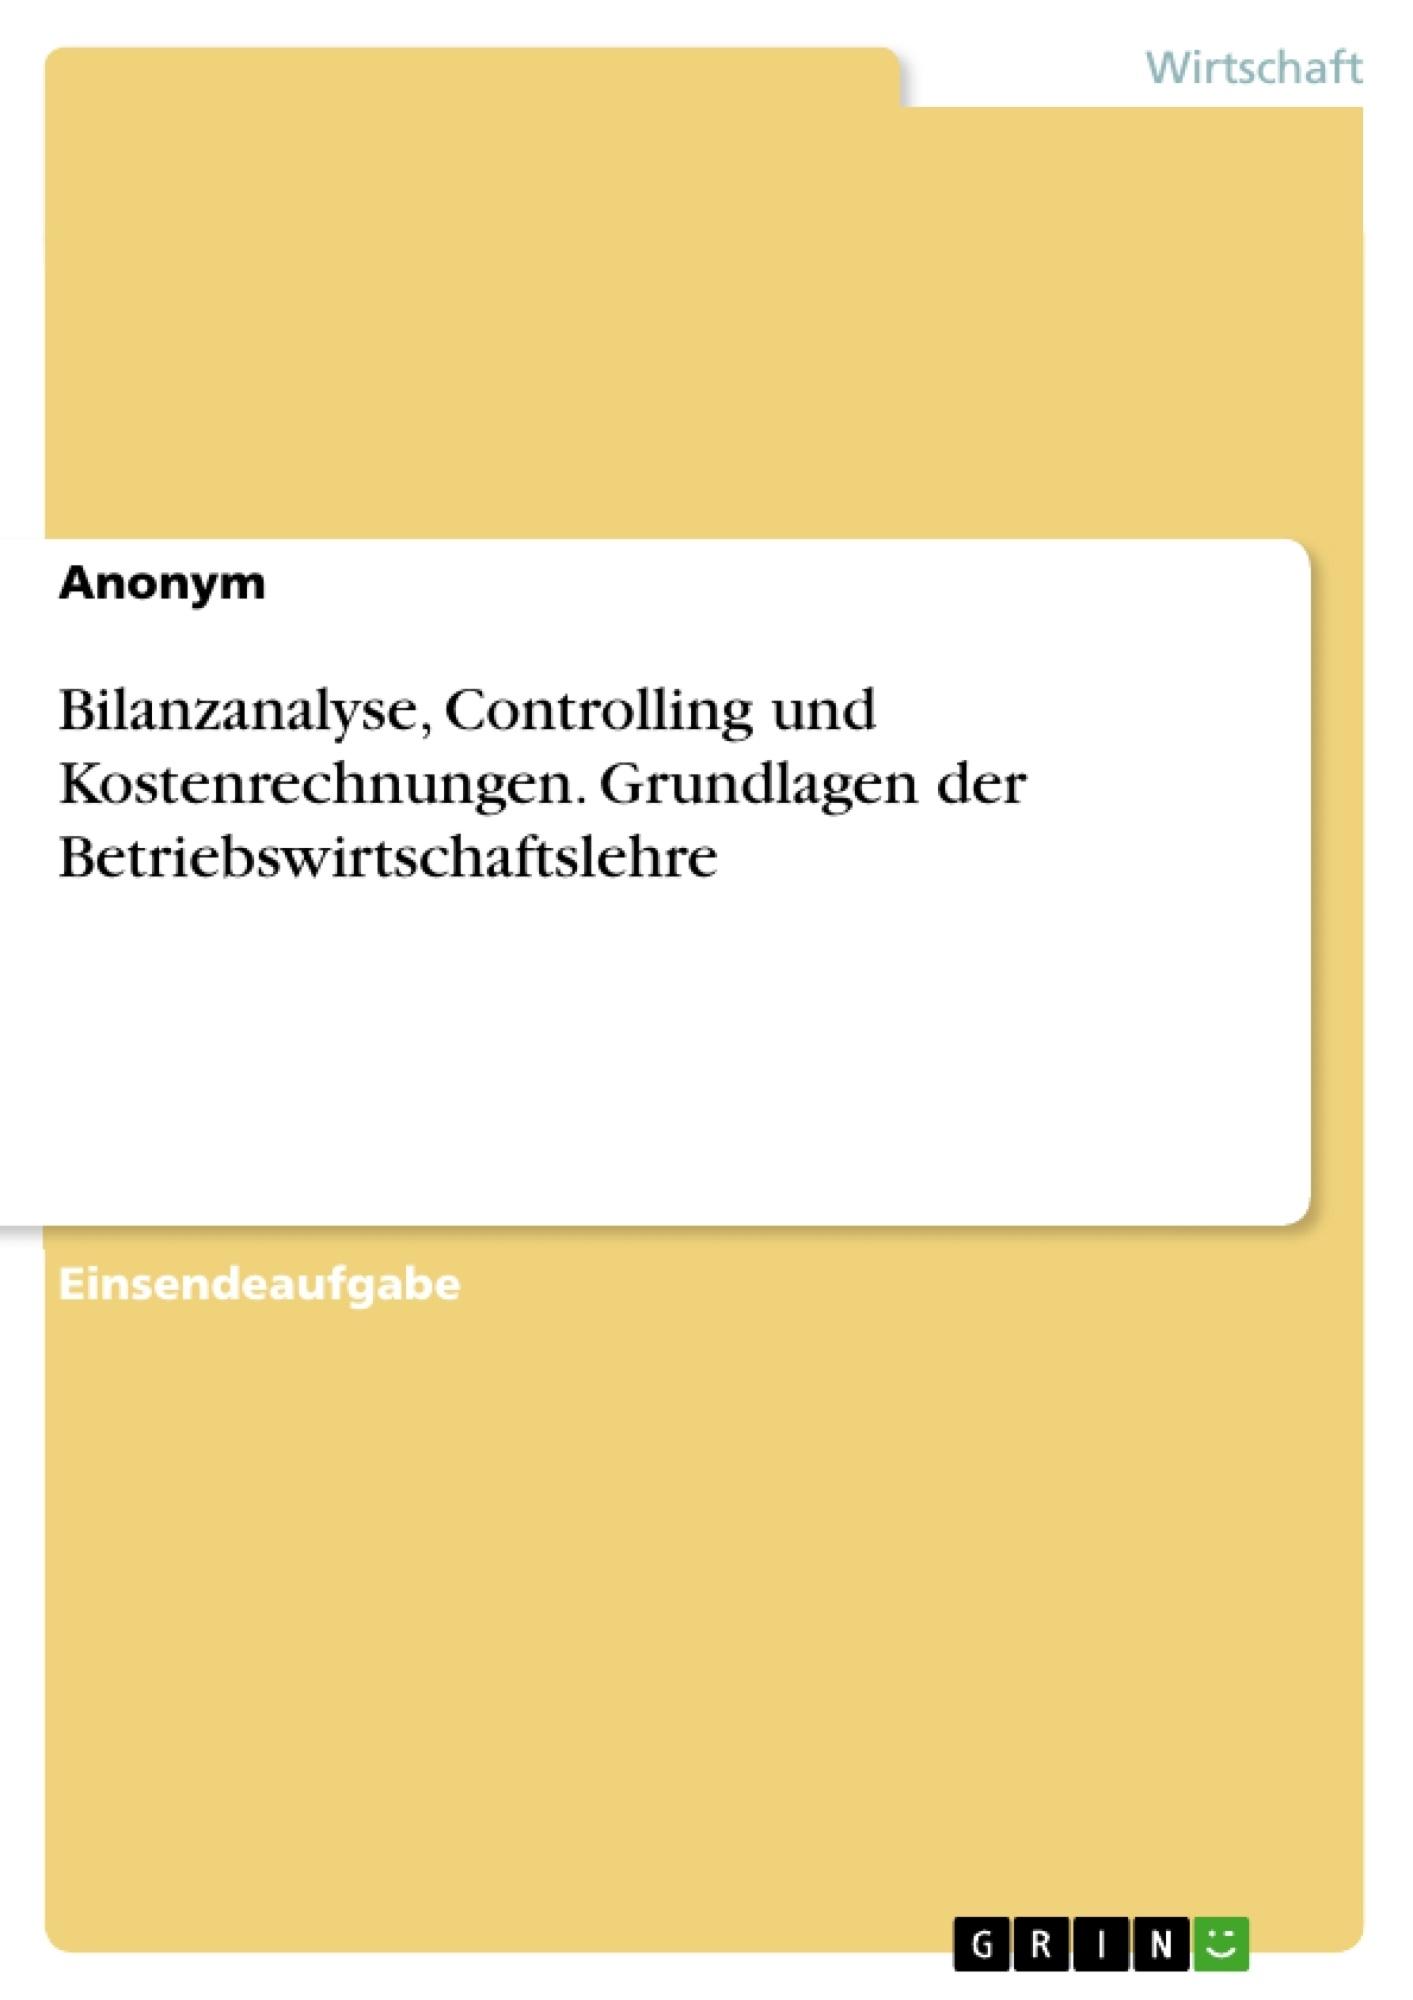 Titel: Bilanzanalyse, Controlling und Kostenrechnungen. Grundlagen der Betriebswirtschaftslehre